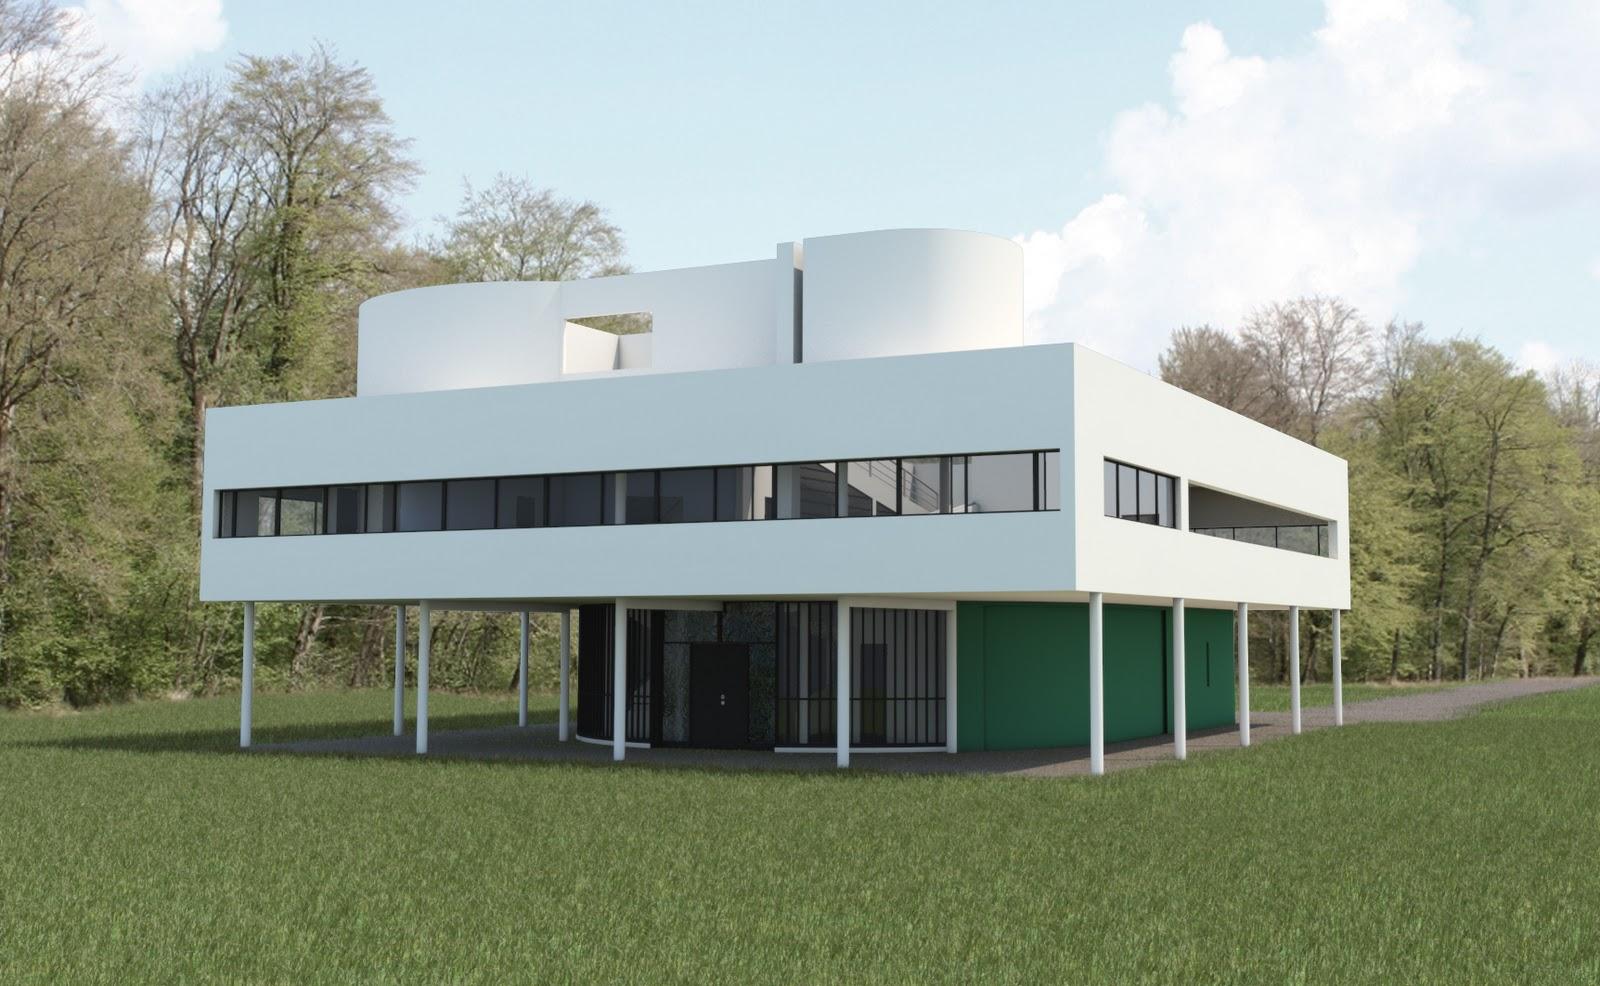 David bourdin villa savoye by le corbusier for Architecture le corbusier